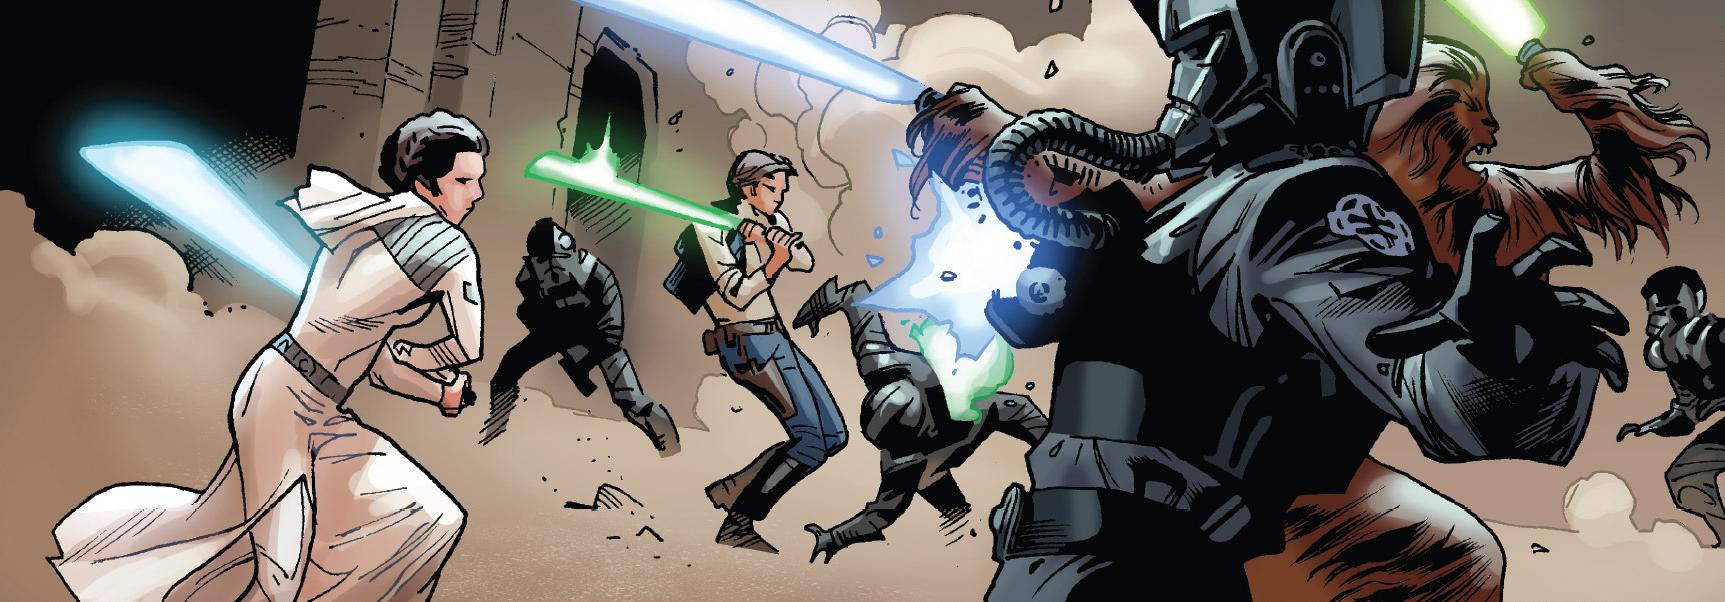 Rescate de Luke Skywalker